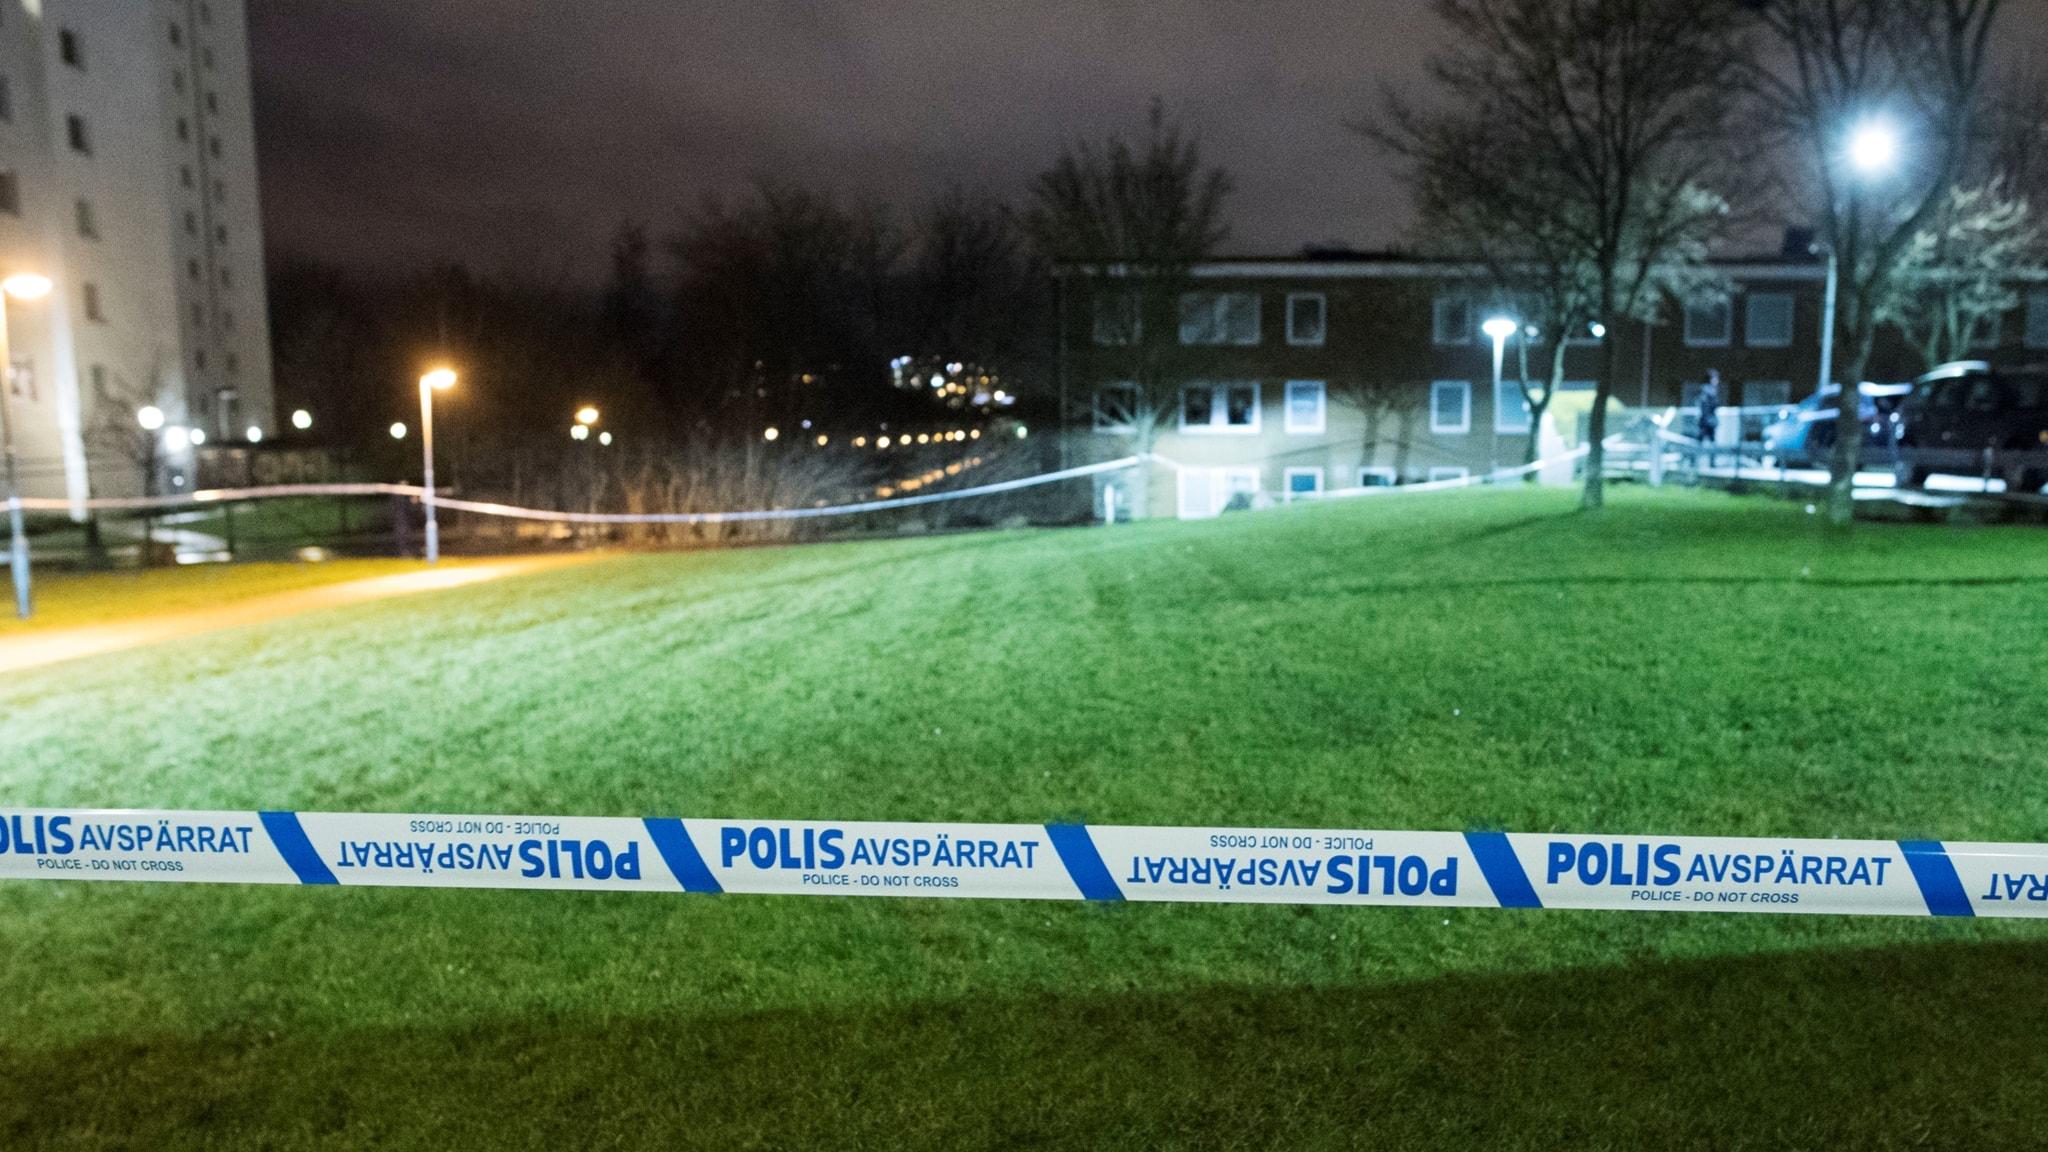 Ännu ett överfall i Malmö - det fjärde på kort tid